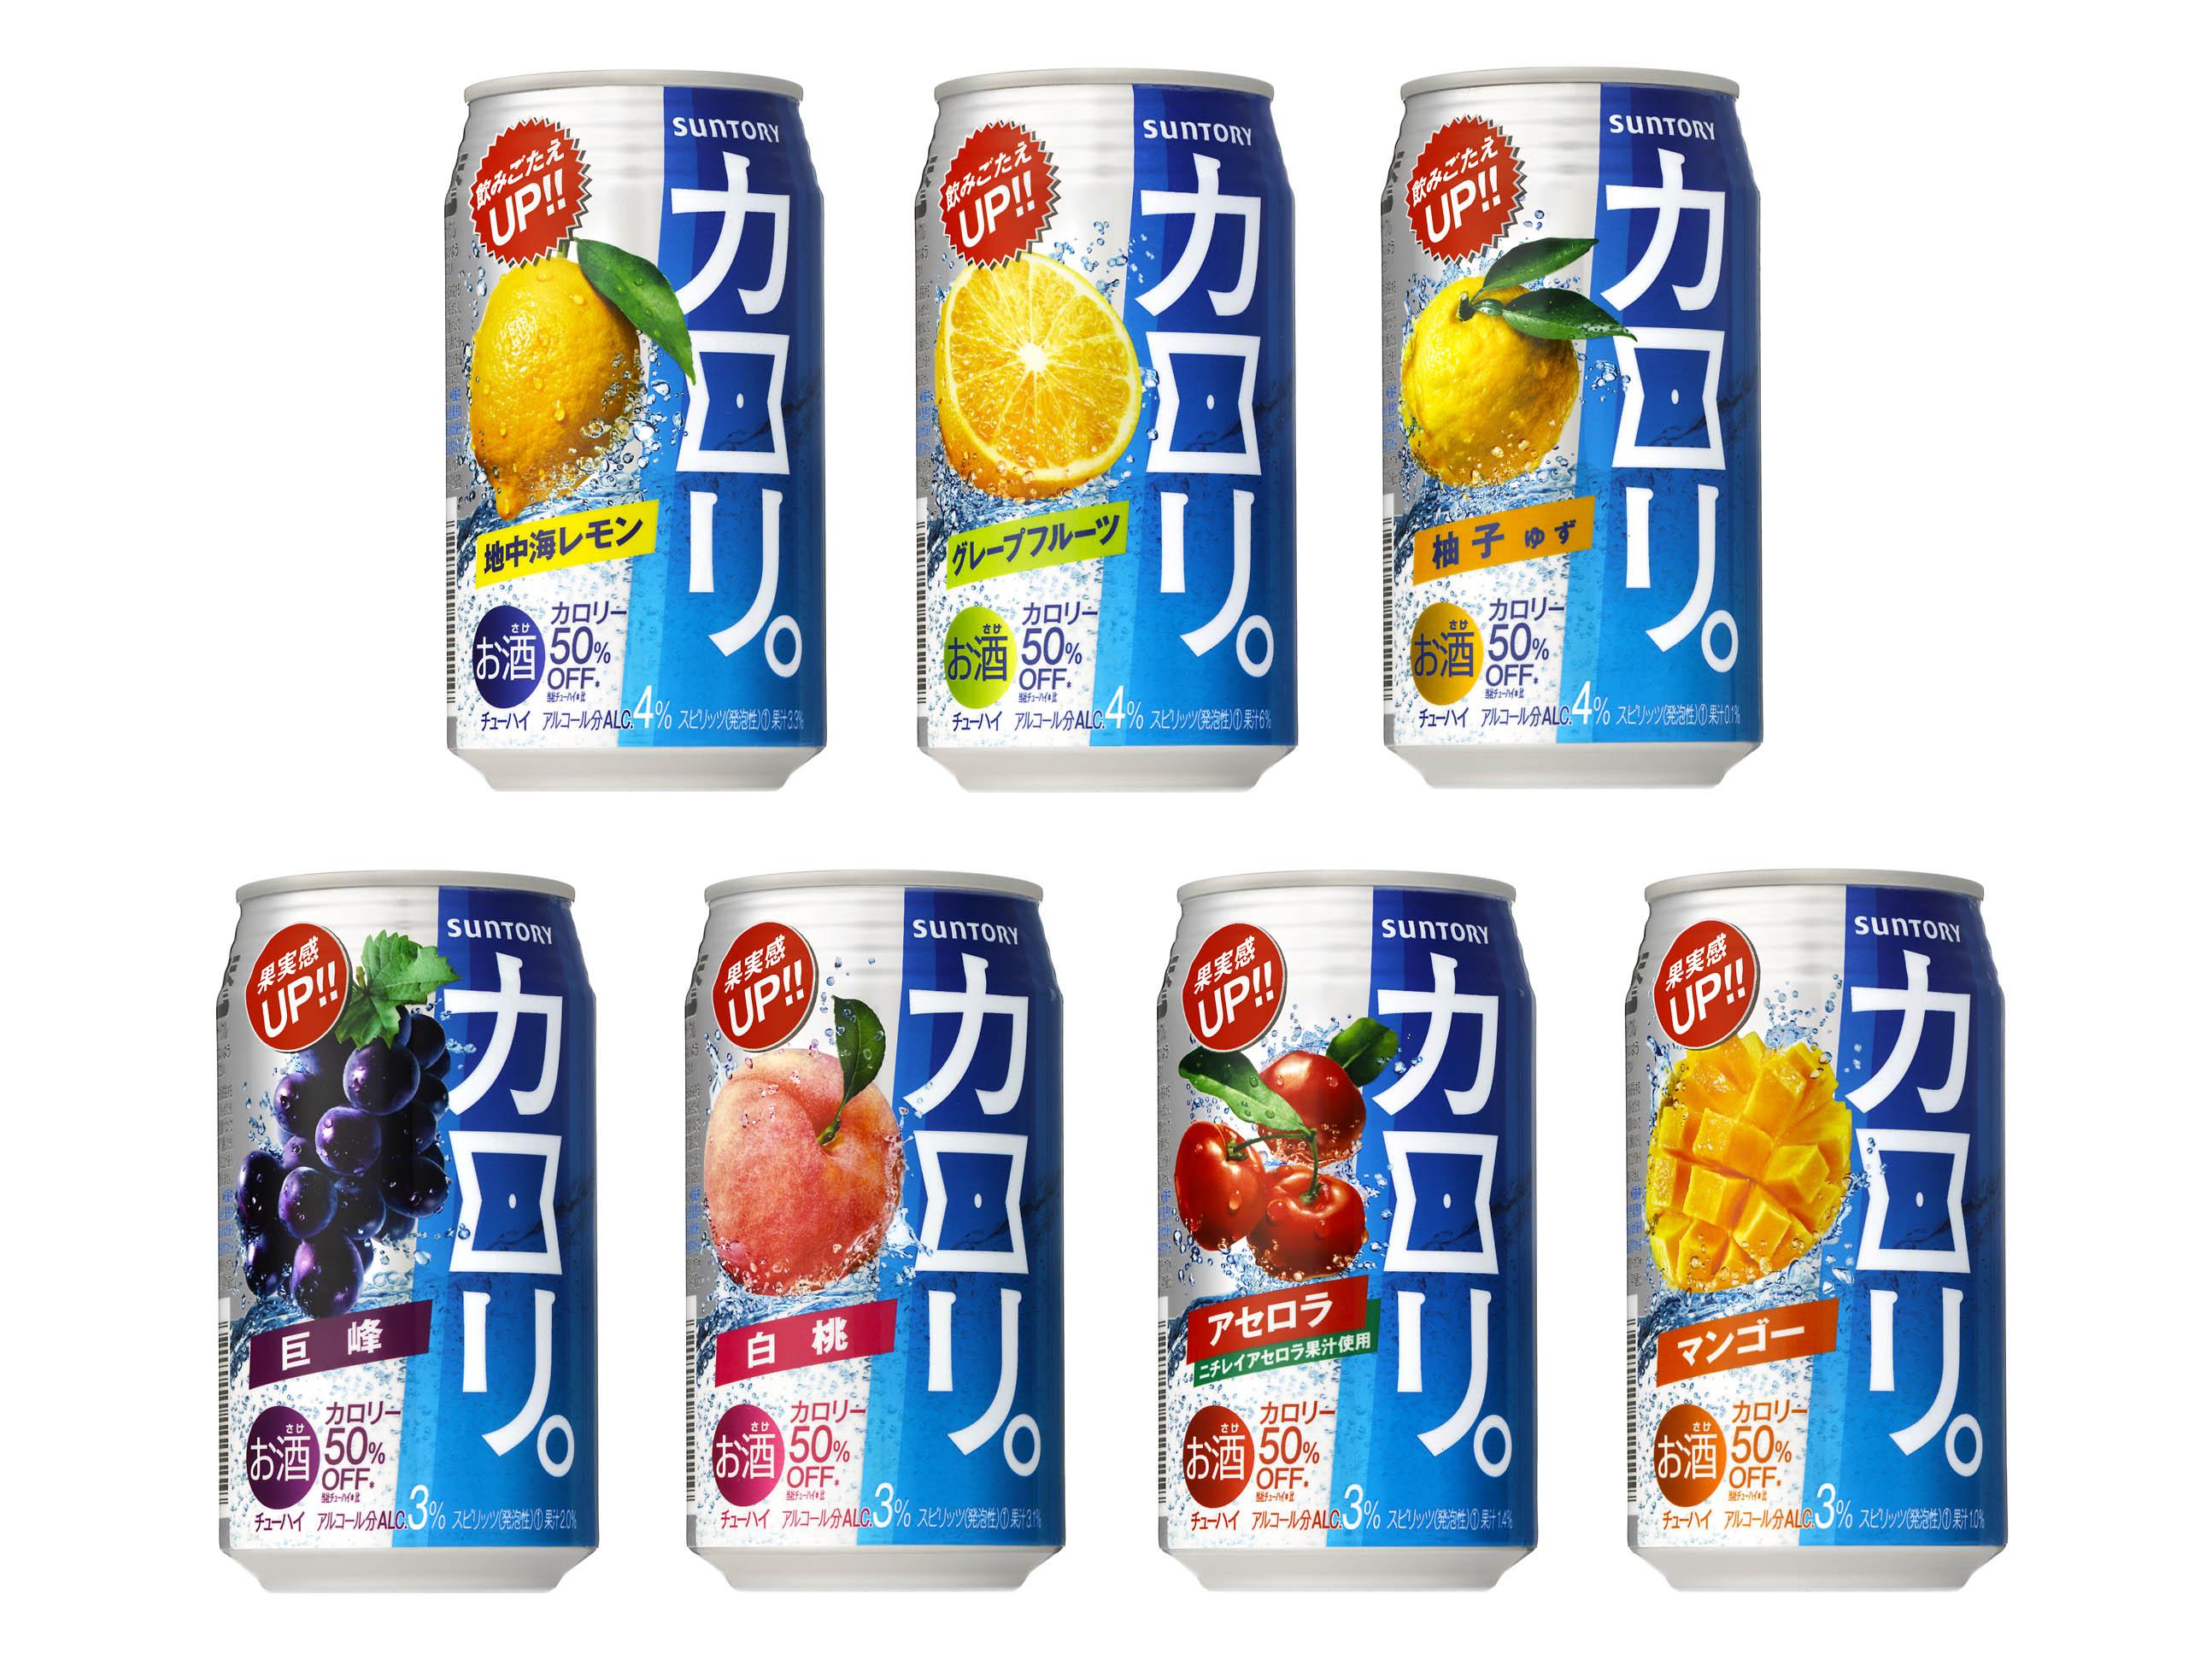 サントリーチューハイ「カロリ。」リニューアル新発売 サントリー酒類(株)は、サントリーチューハイ